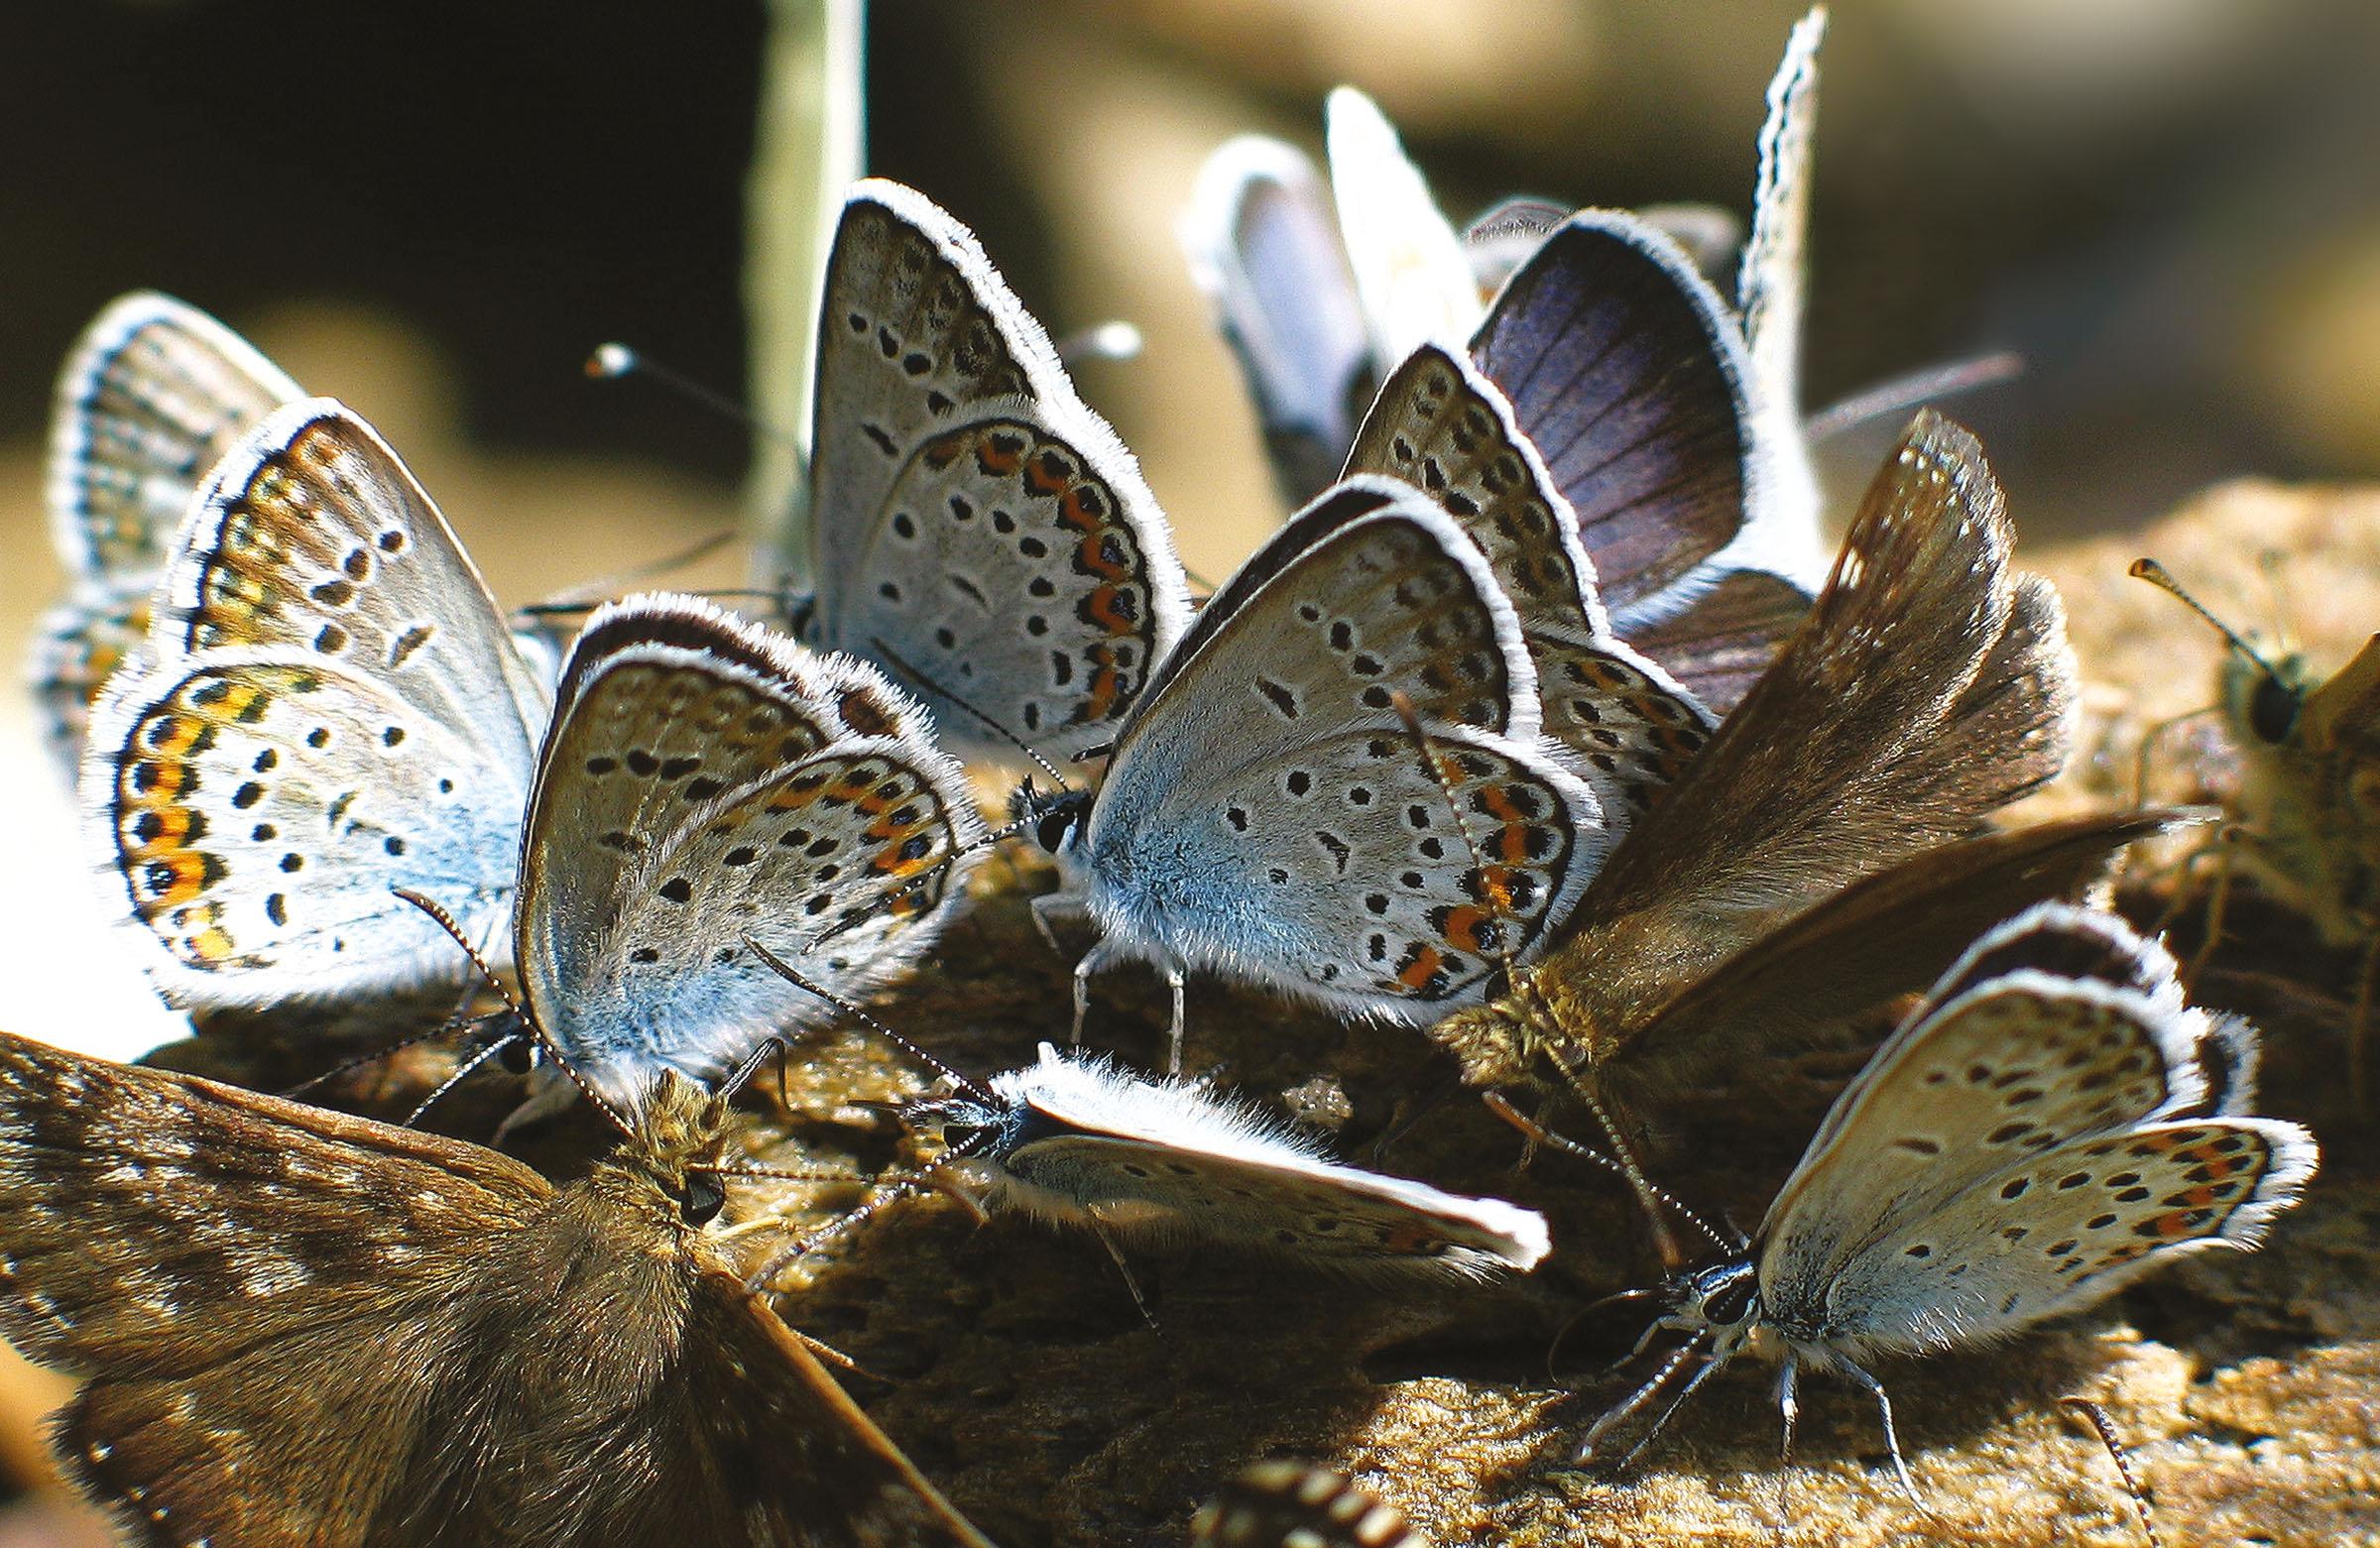 2004.09.18. Hétköznapok fotópályázat - Magyar Antal - Kék pillangók.jpg